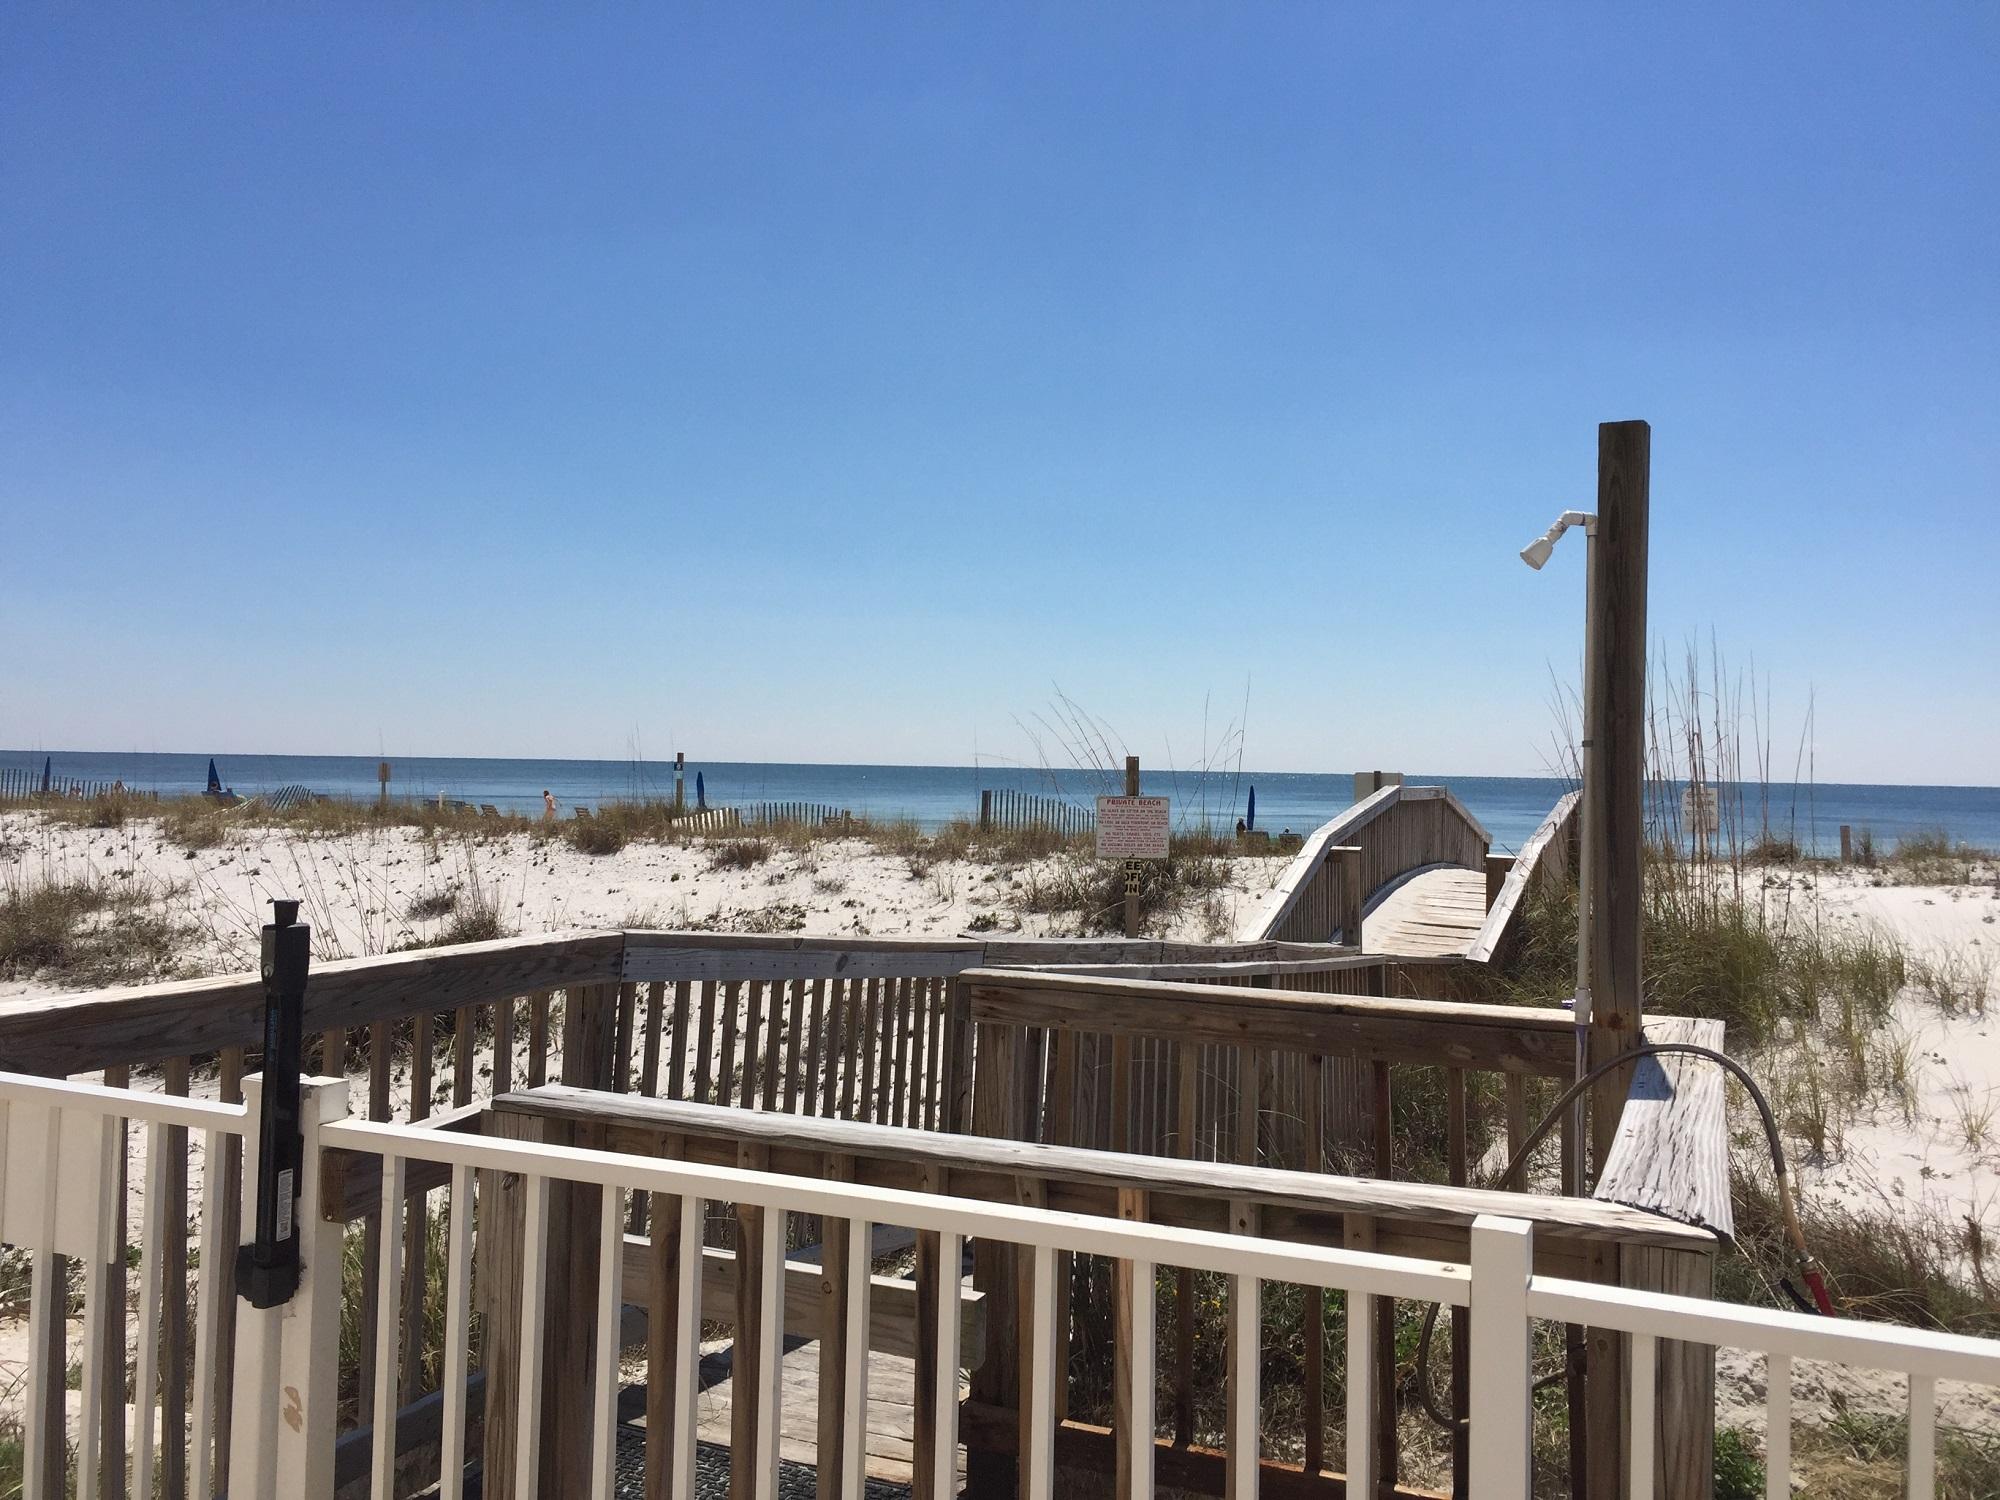 Ocean House 2606 Condo rental in Ocean House - Gulf Shores in Gulf Shores Alabama - #45